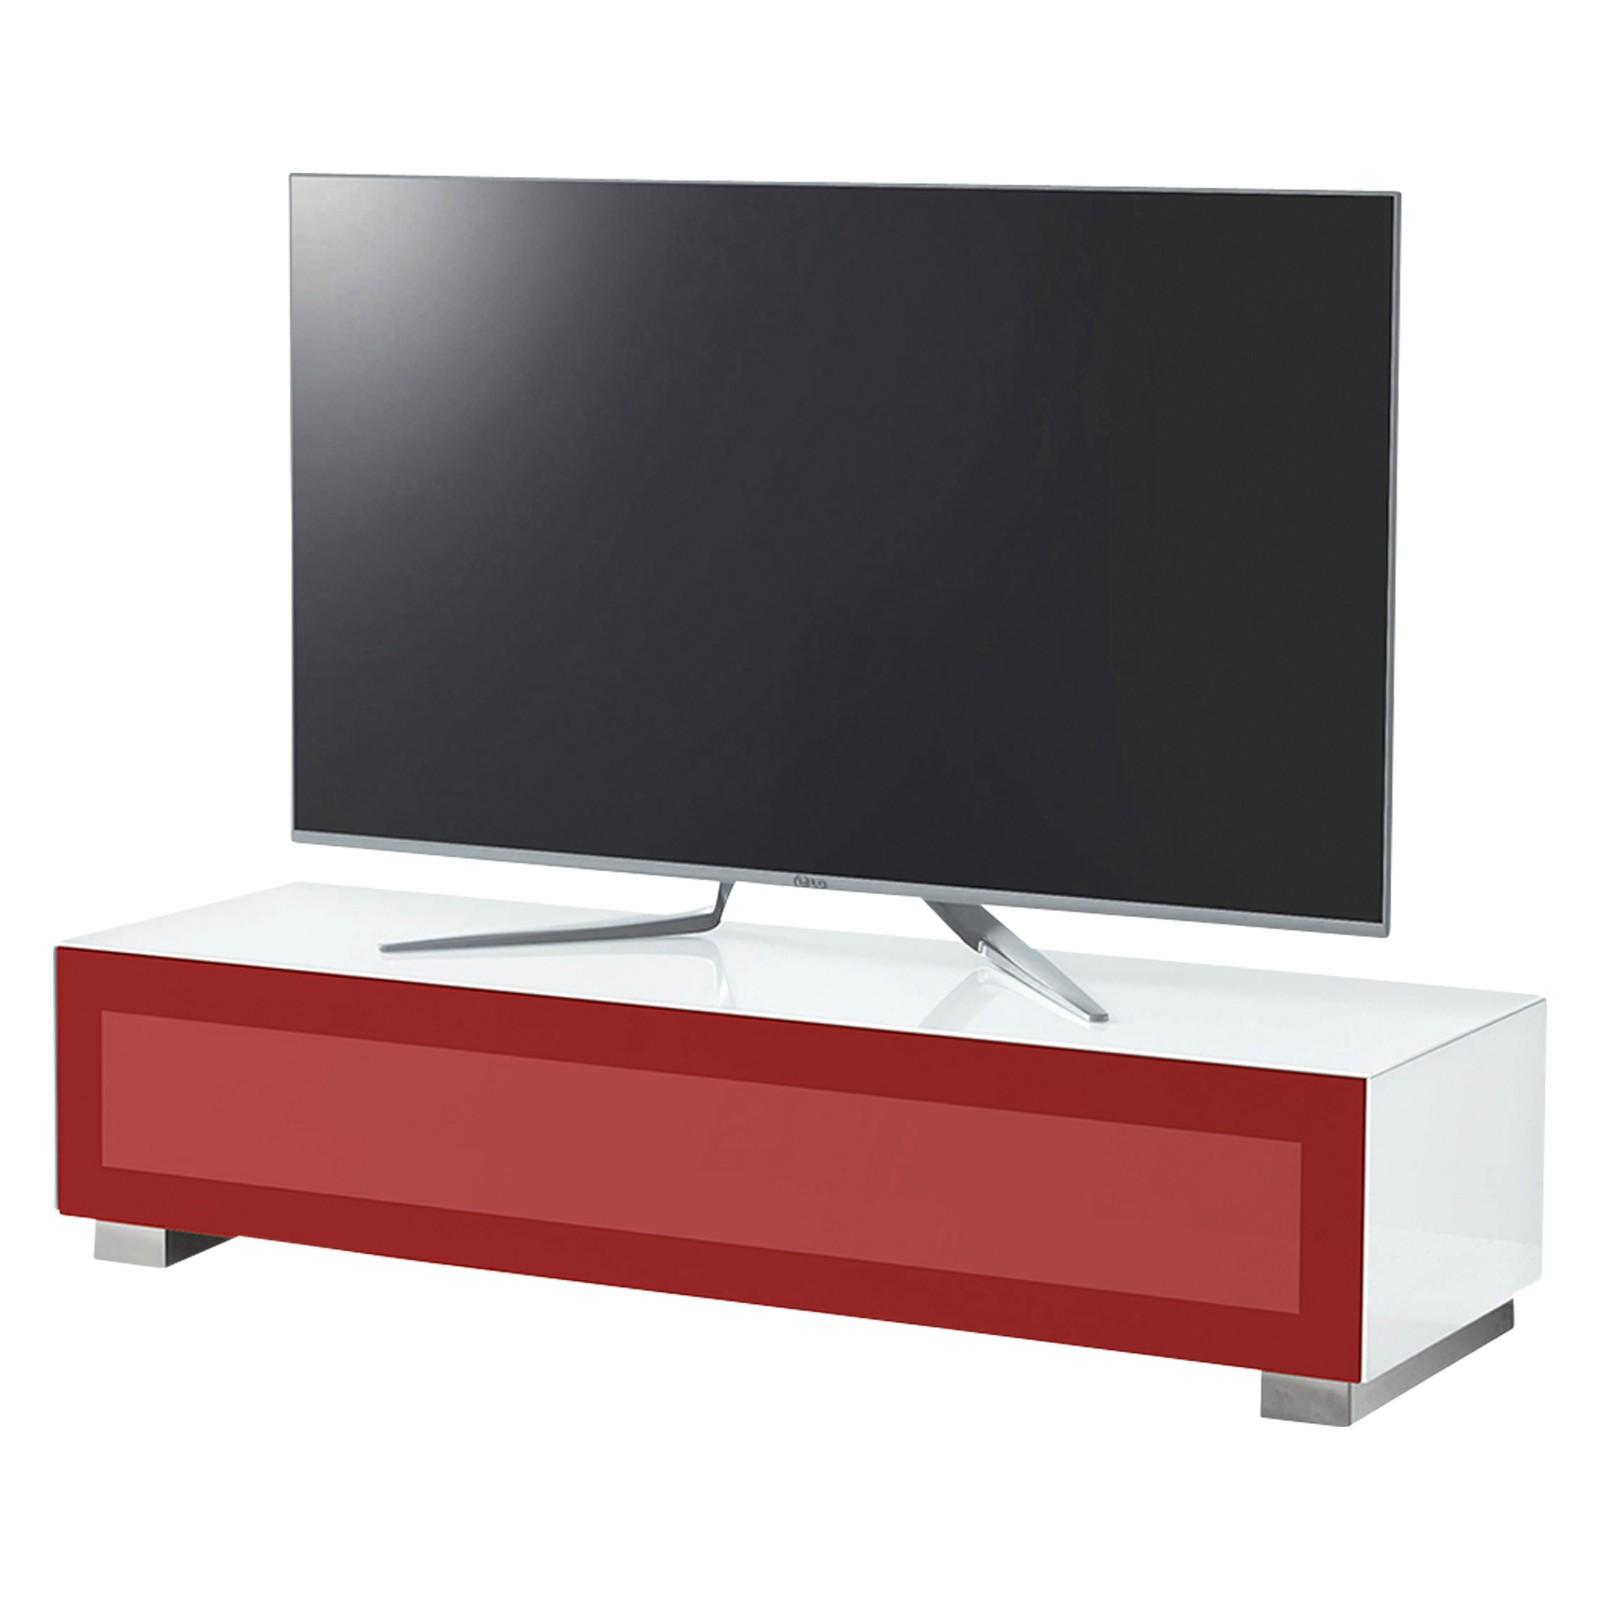 """Munari Magic 150 TV Stand For TV's up to 60"""" White/Red"""